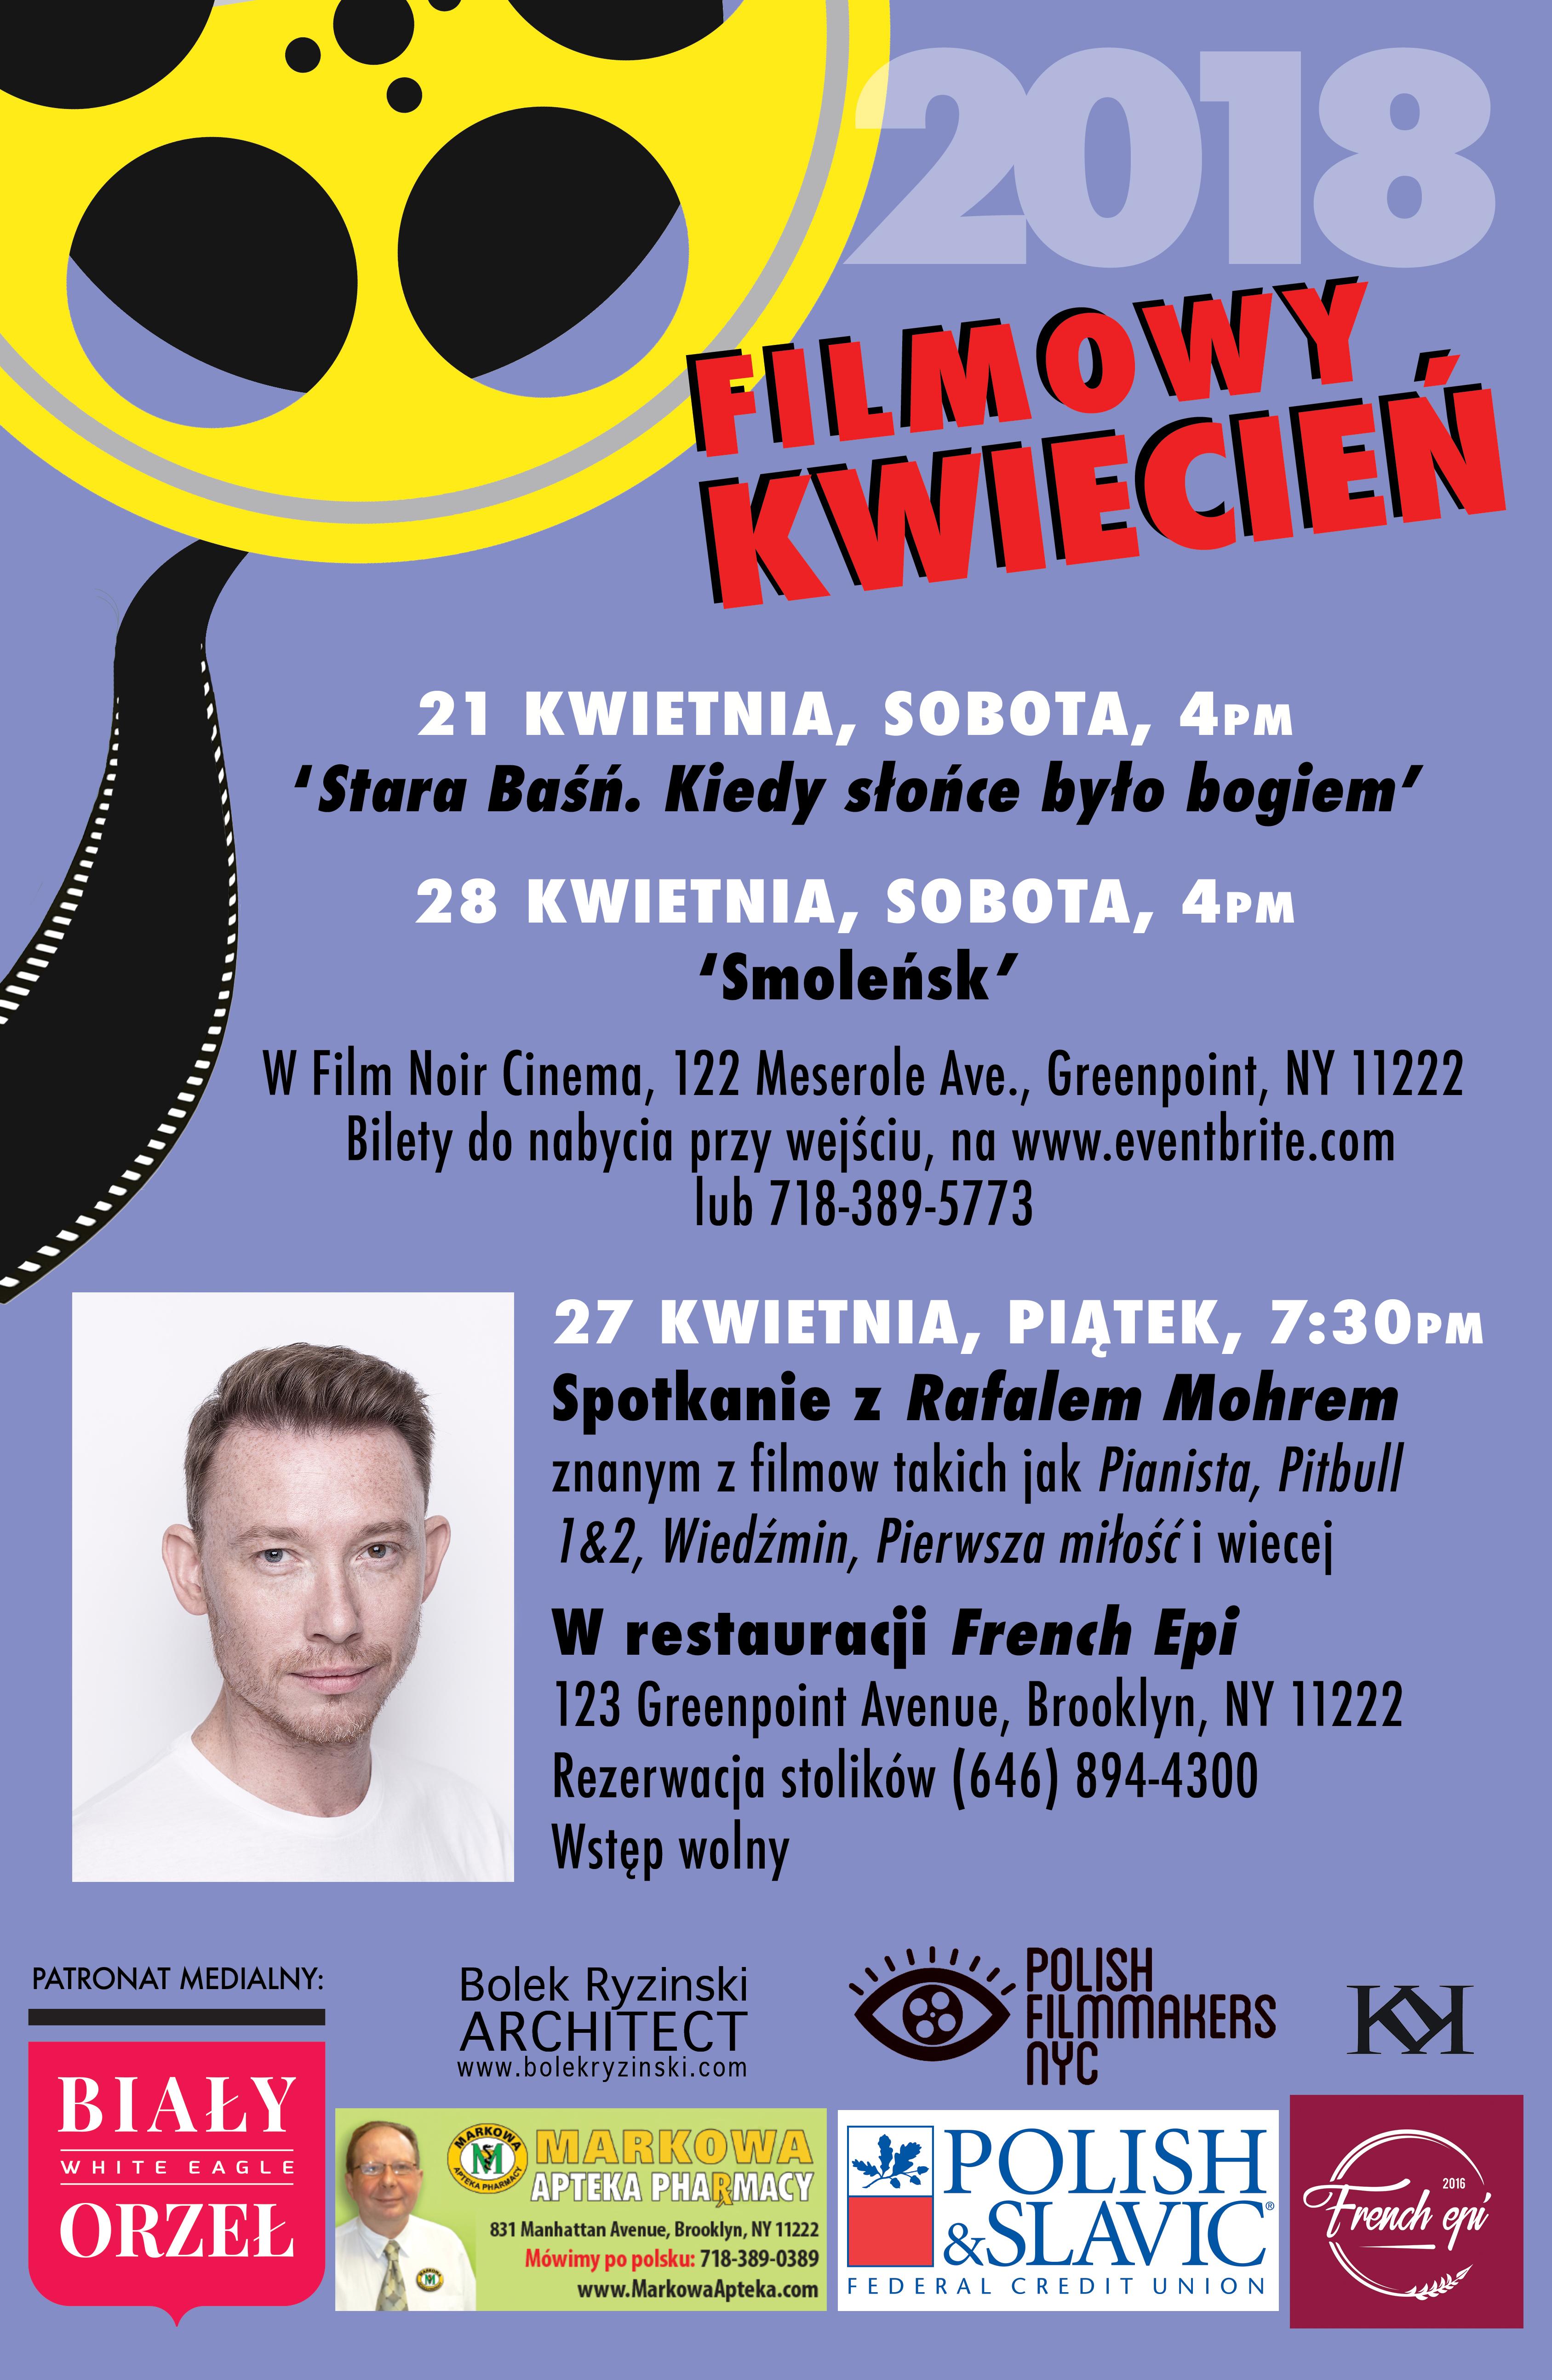 Spotkanie z aktorem z Pitbulla.Rafał Mohr, spotka się z Polonią na Greenpoincie